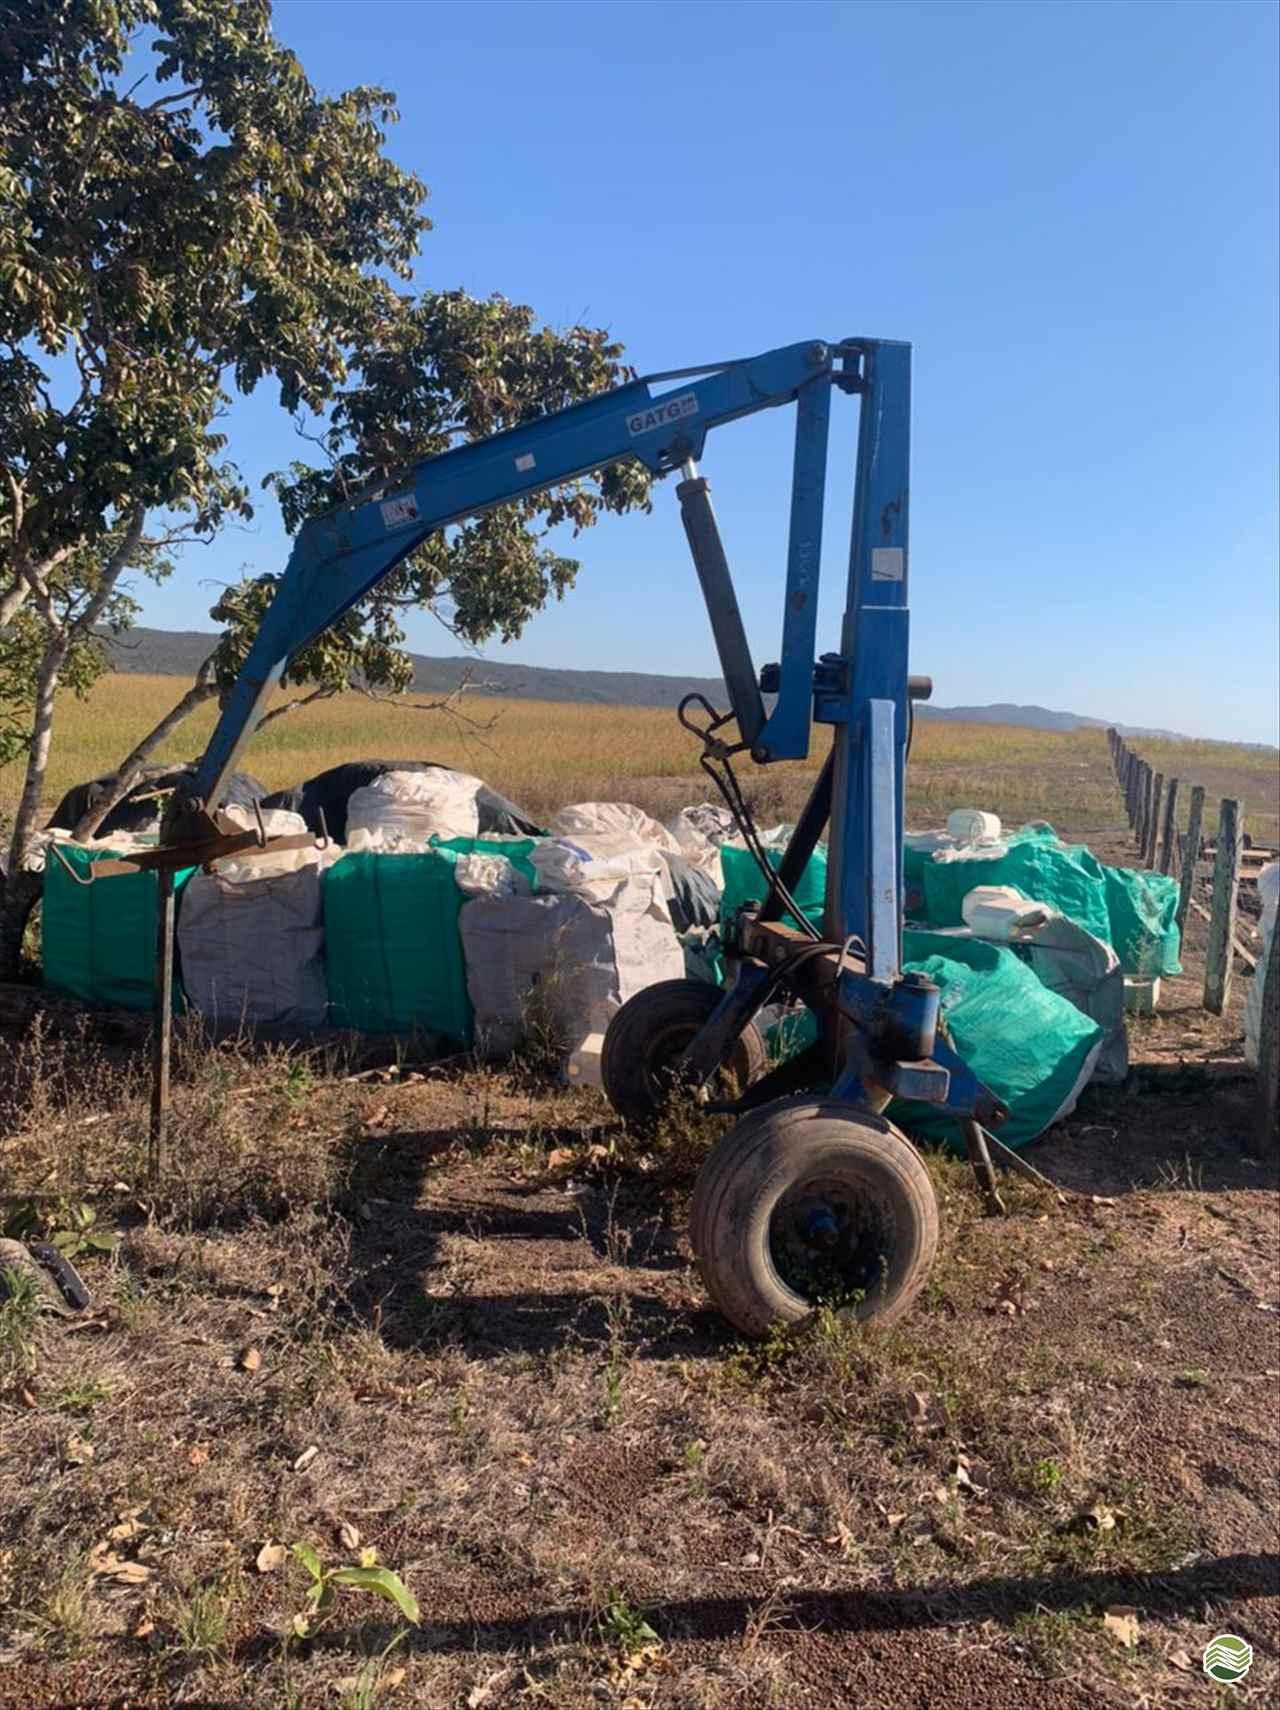 IMPLEMENTOS AGRICOLAS GUINCHO BIG BAG GUINCHO 2000 Kg Agromak Máquinas Agrícolas CAMPO VERDE MATO GROSSO MT